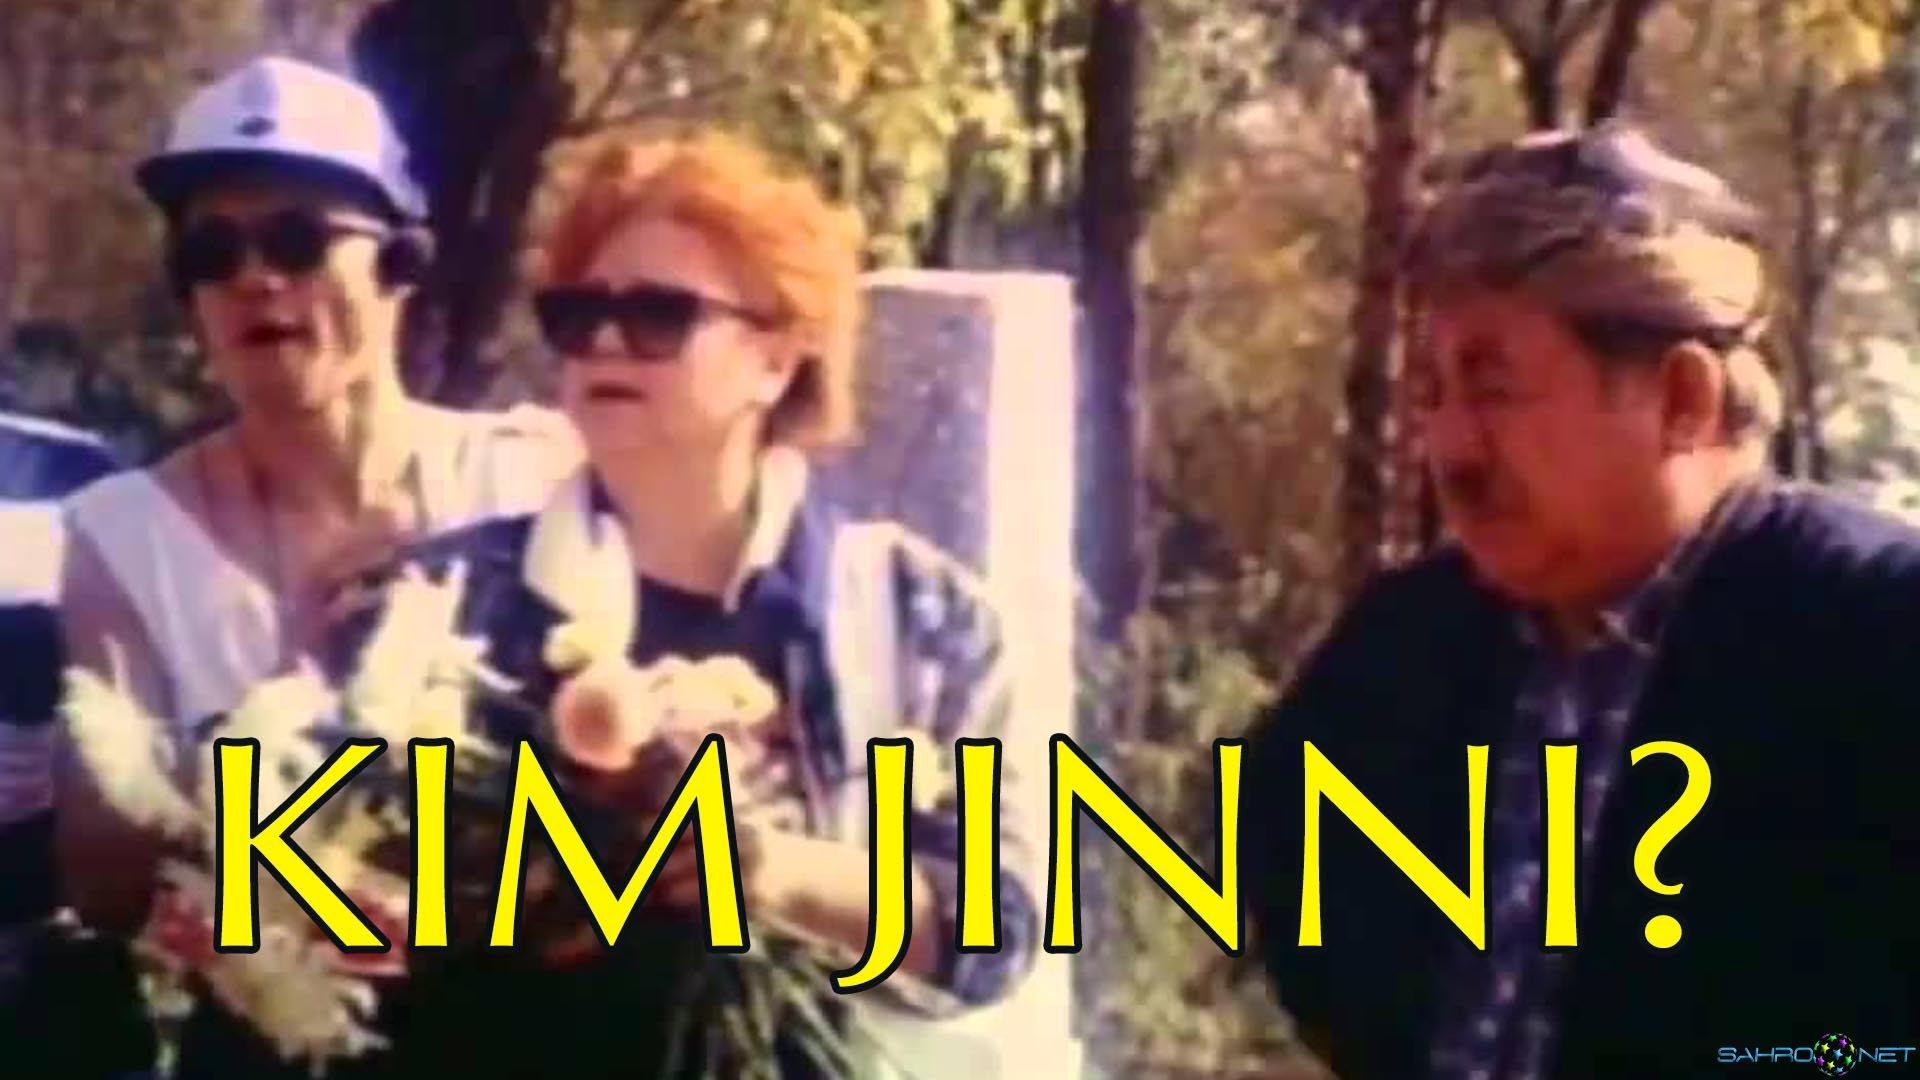 Kim jinni / Кто сумасшедший 1992 смотреть Узбекский фильм на узбекским и русском языках